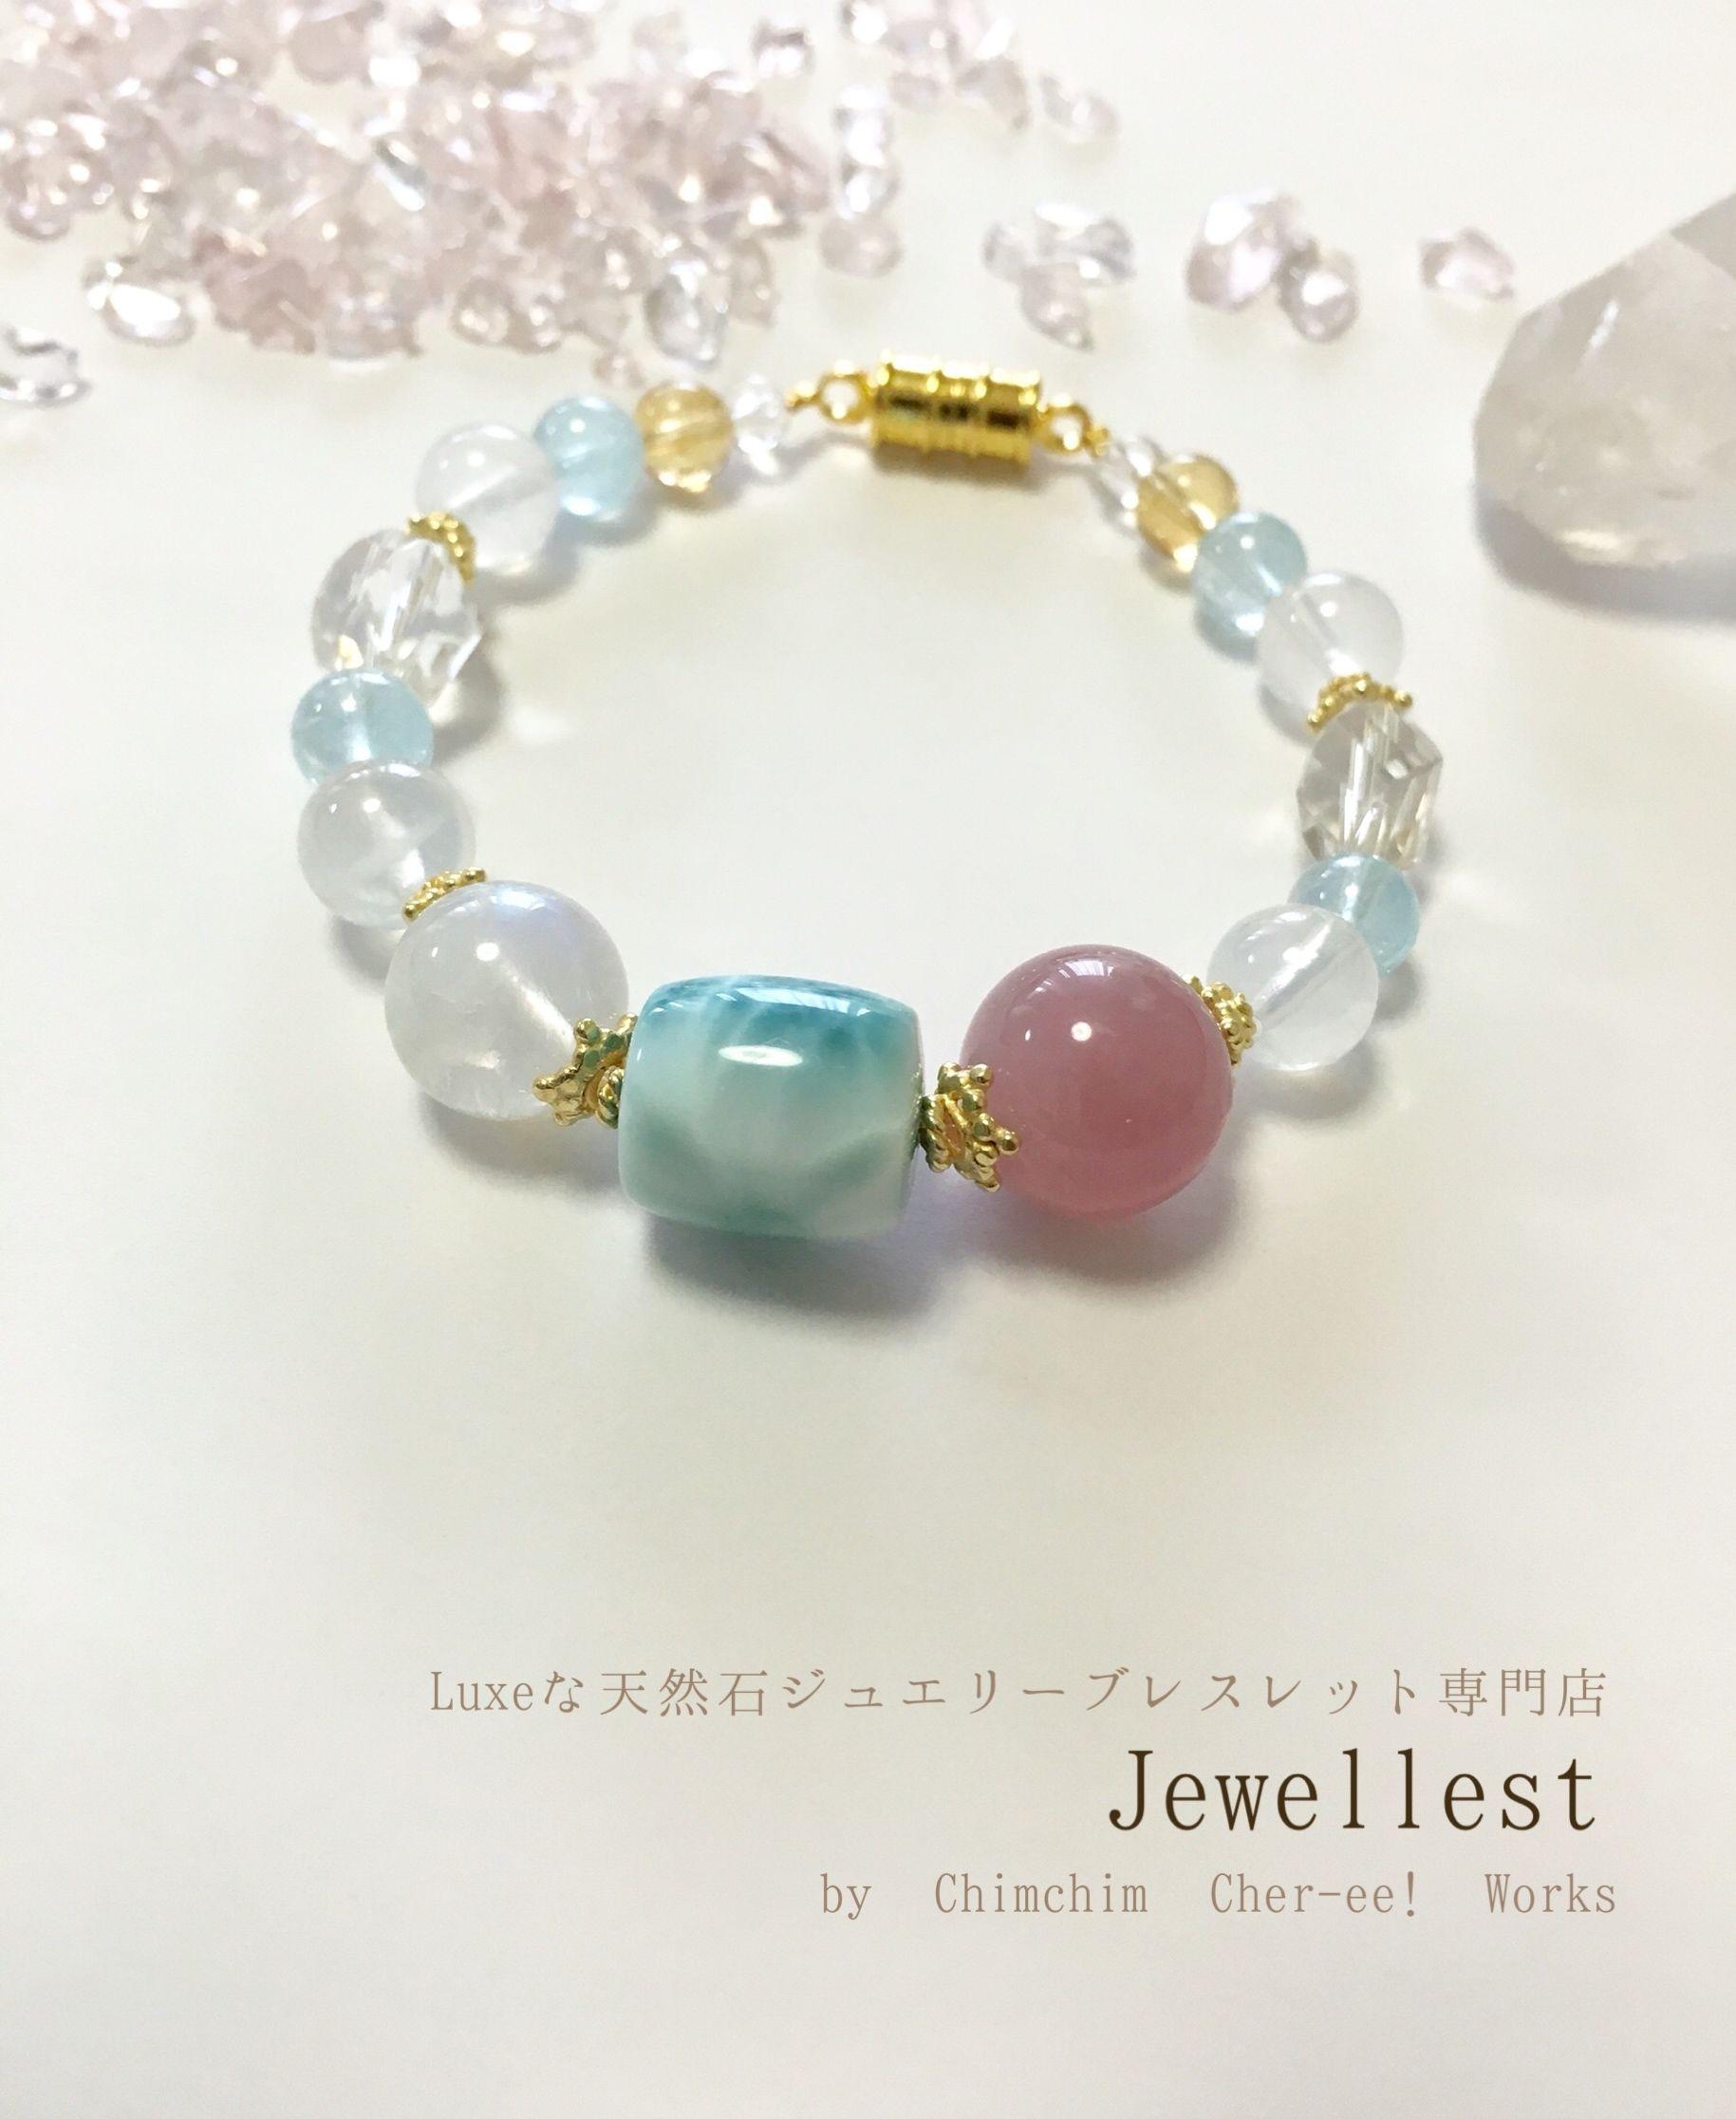 Jewellest〜リュクスな天然石ジュエリーブレスレット専門店